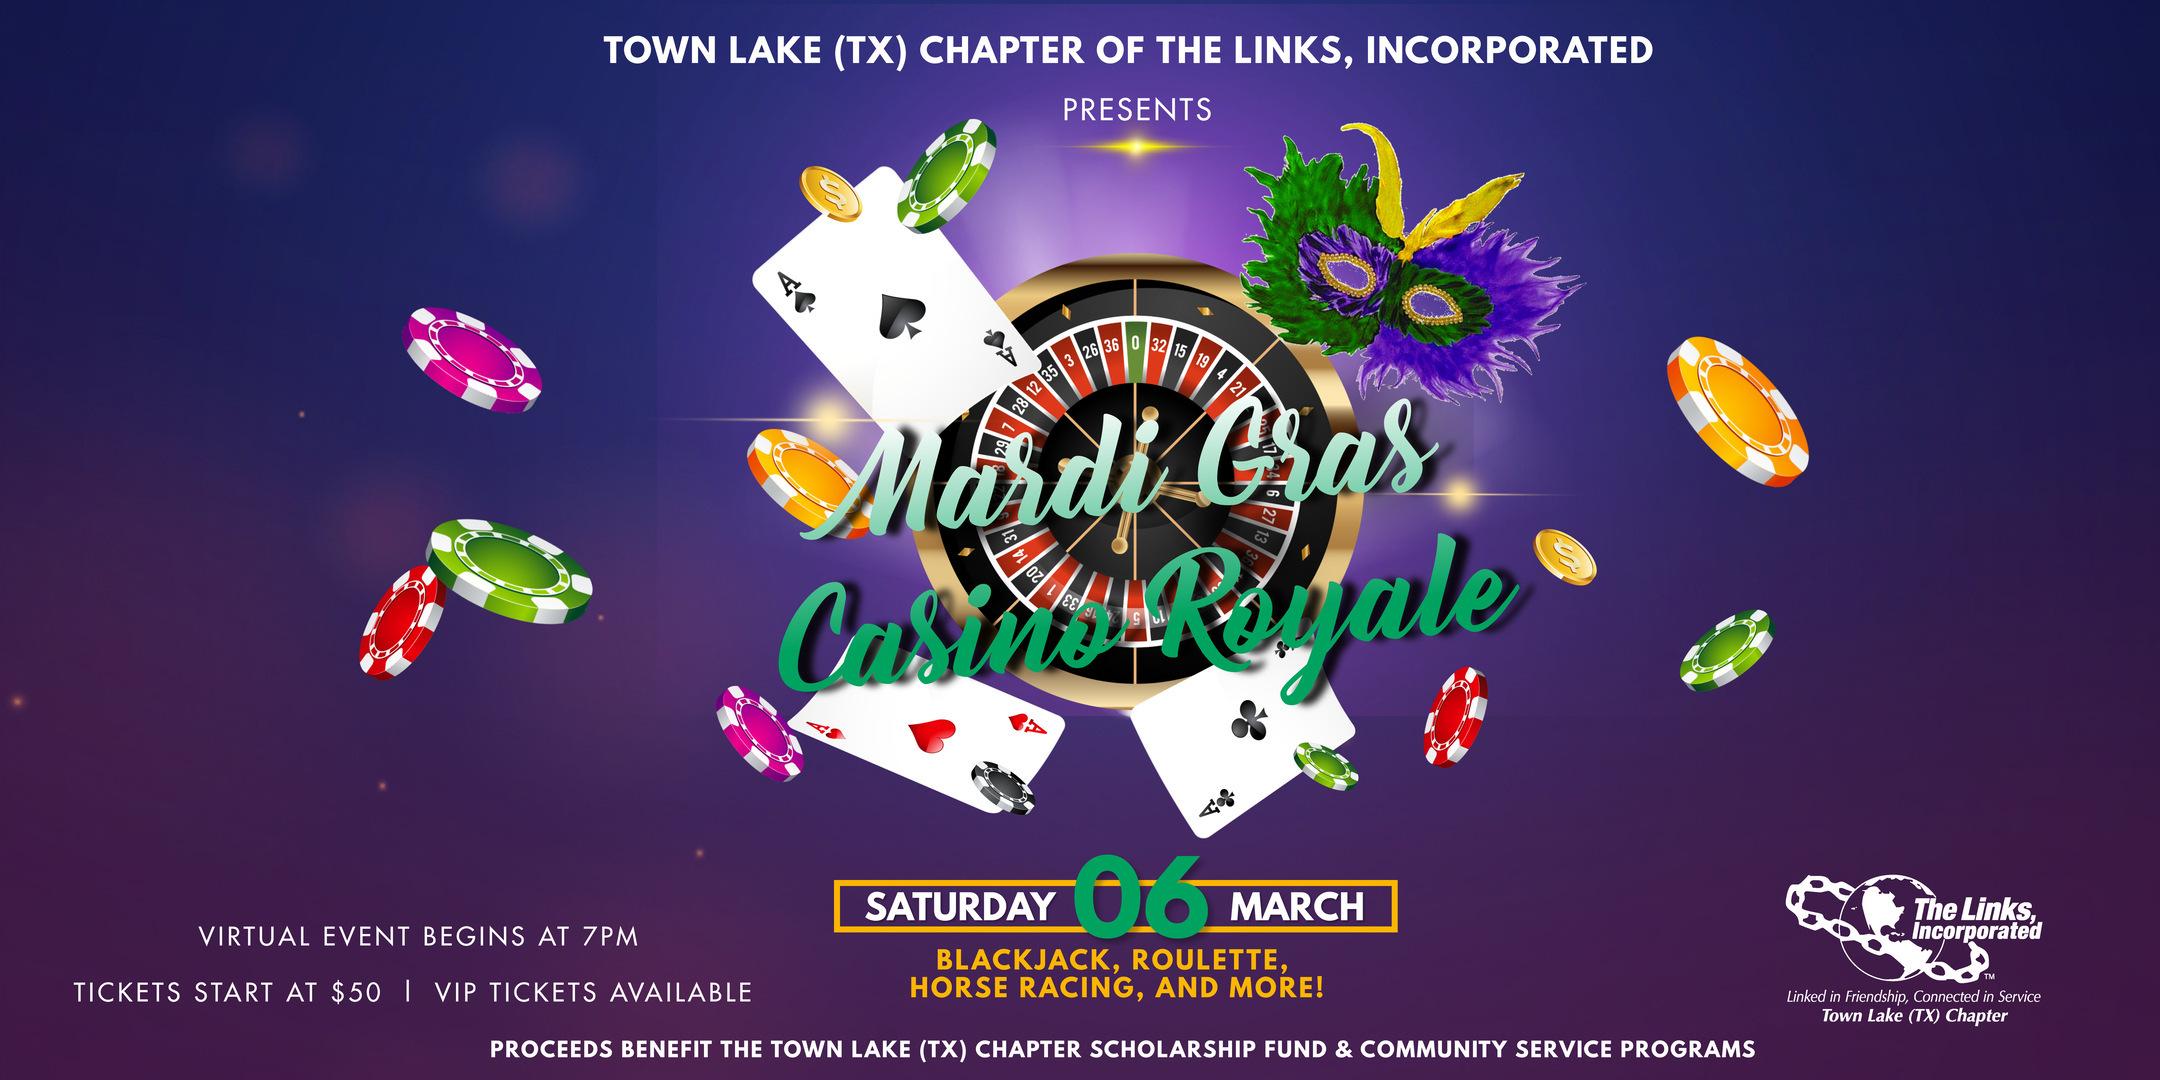 Mardi Gras Casino Royale